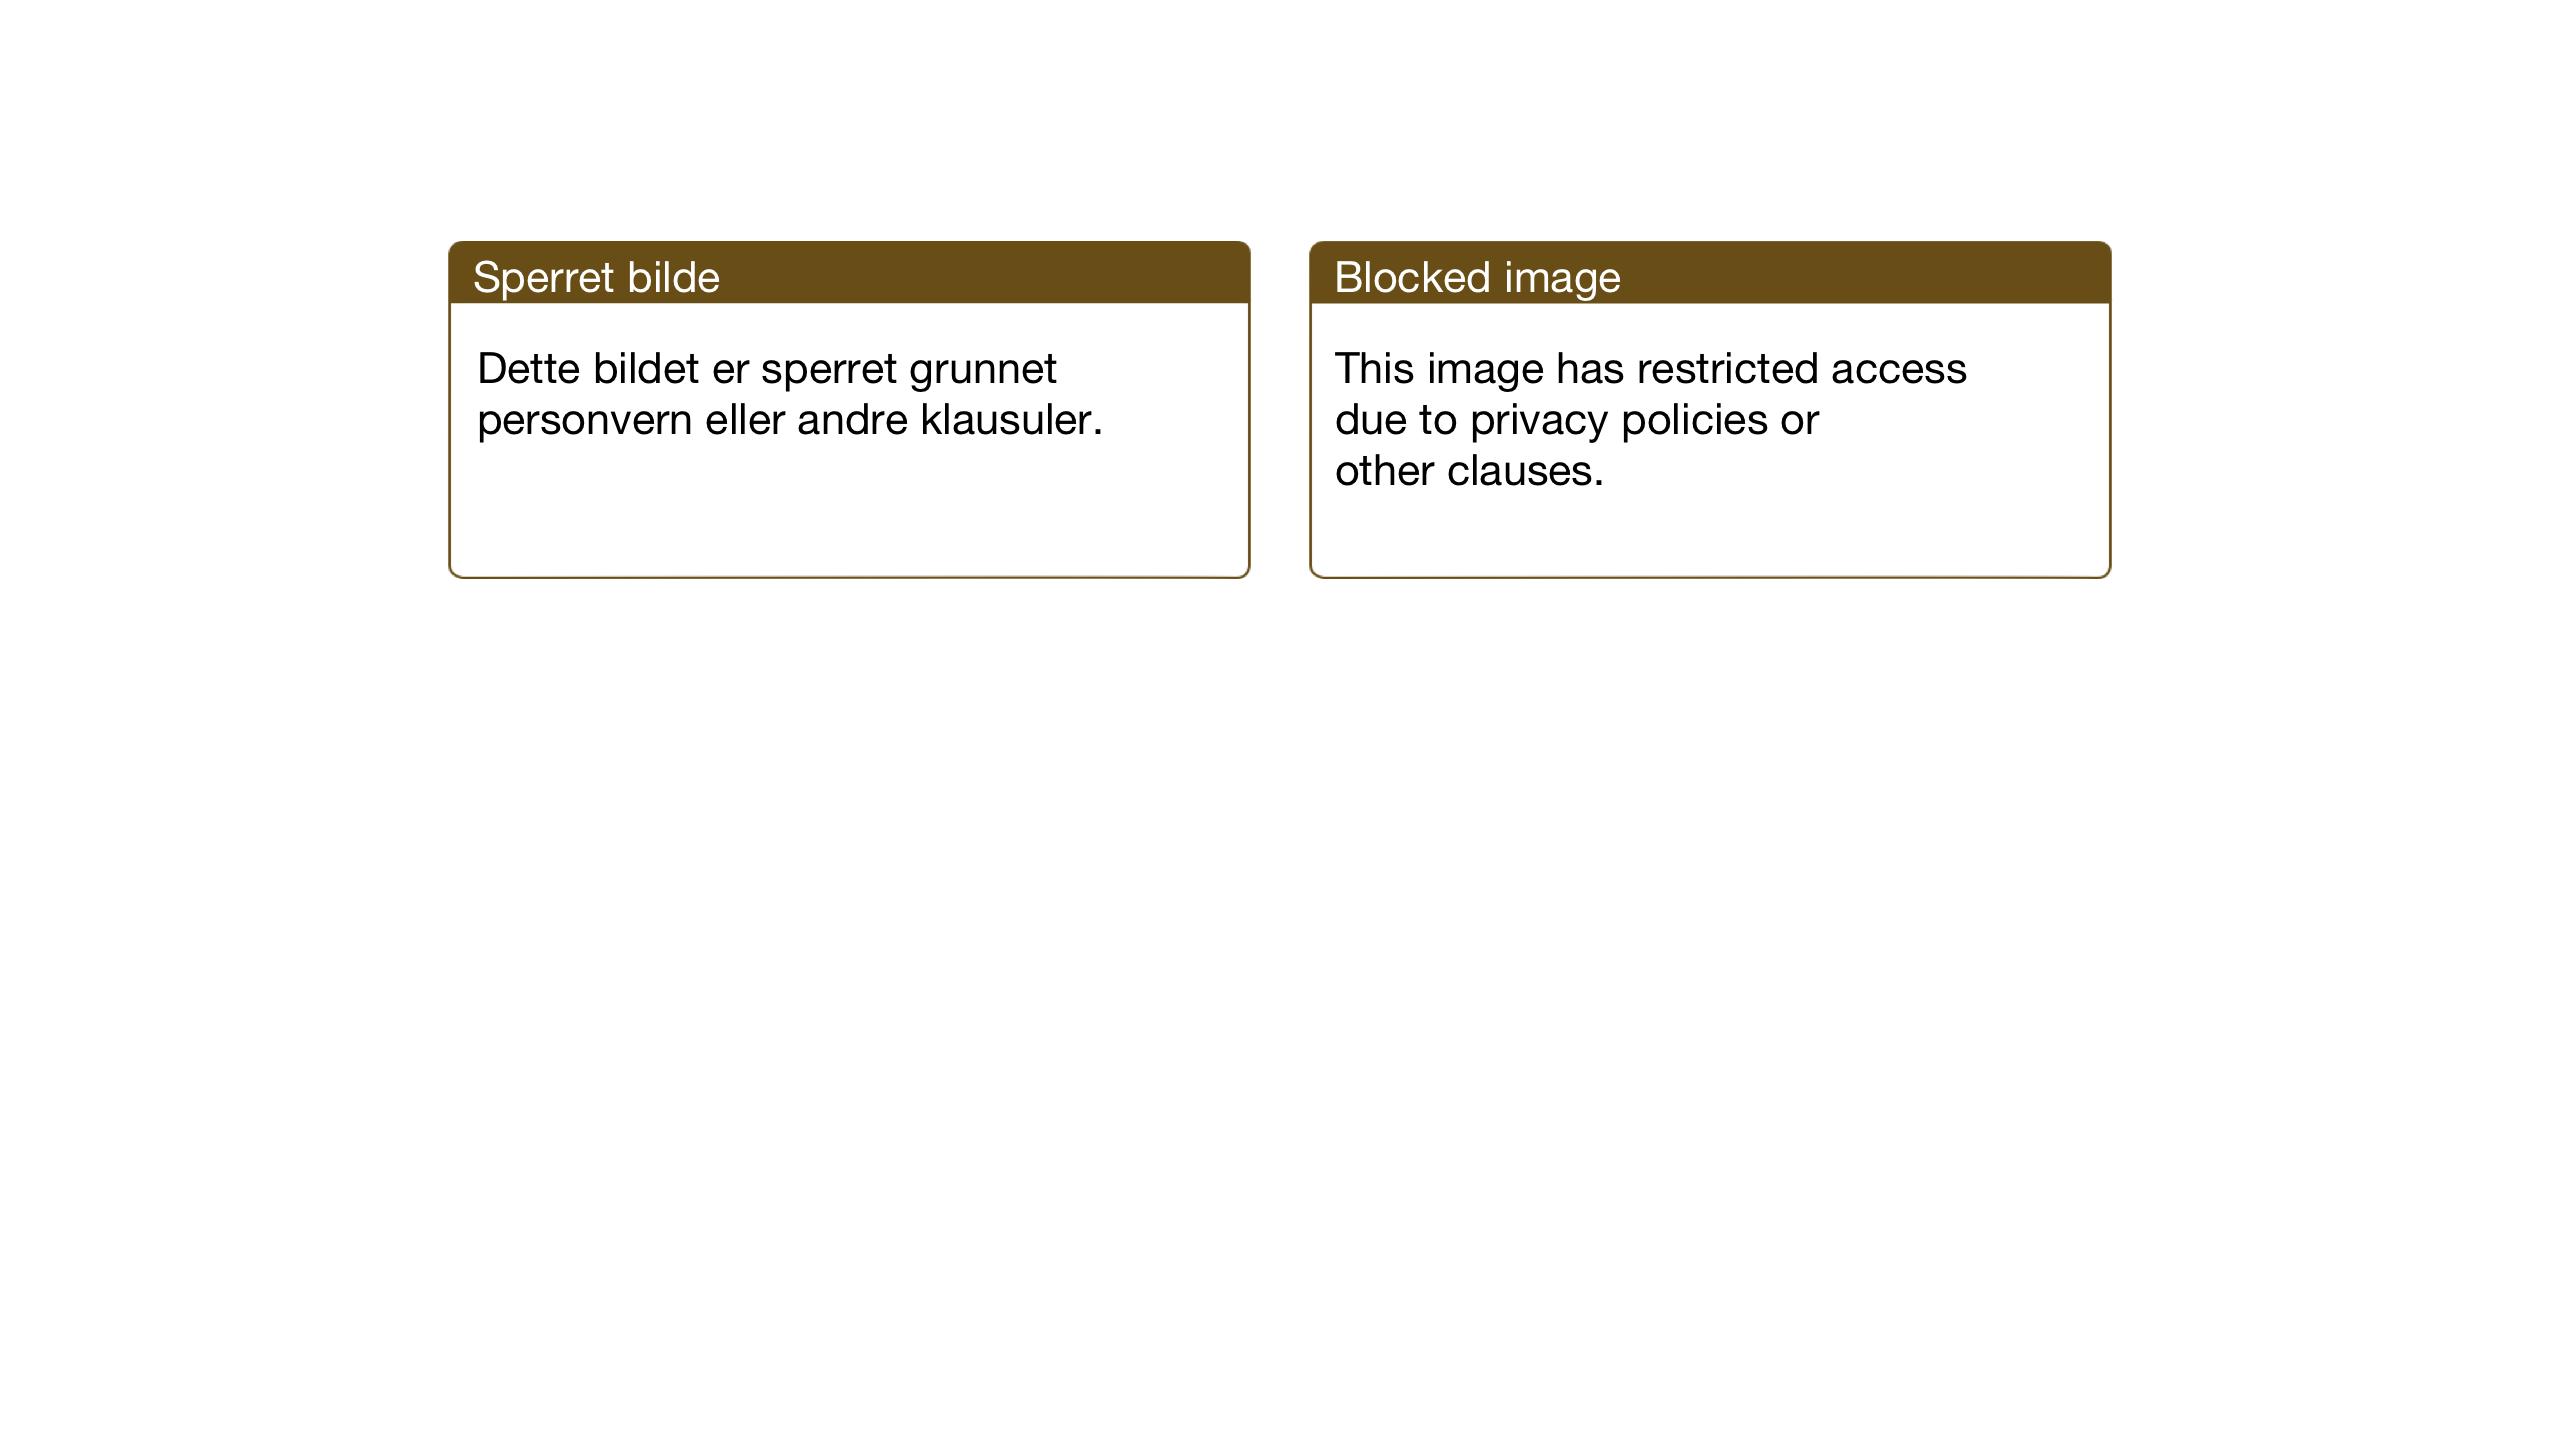 SAT, Ministerialprotokoller, klokkerbøker og fødselsregistre - Sør-Trøndelag, 603/L0173: Klokkerbok nr. 603C01, 1907-1962, s. 167